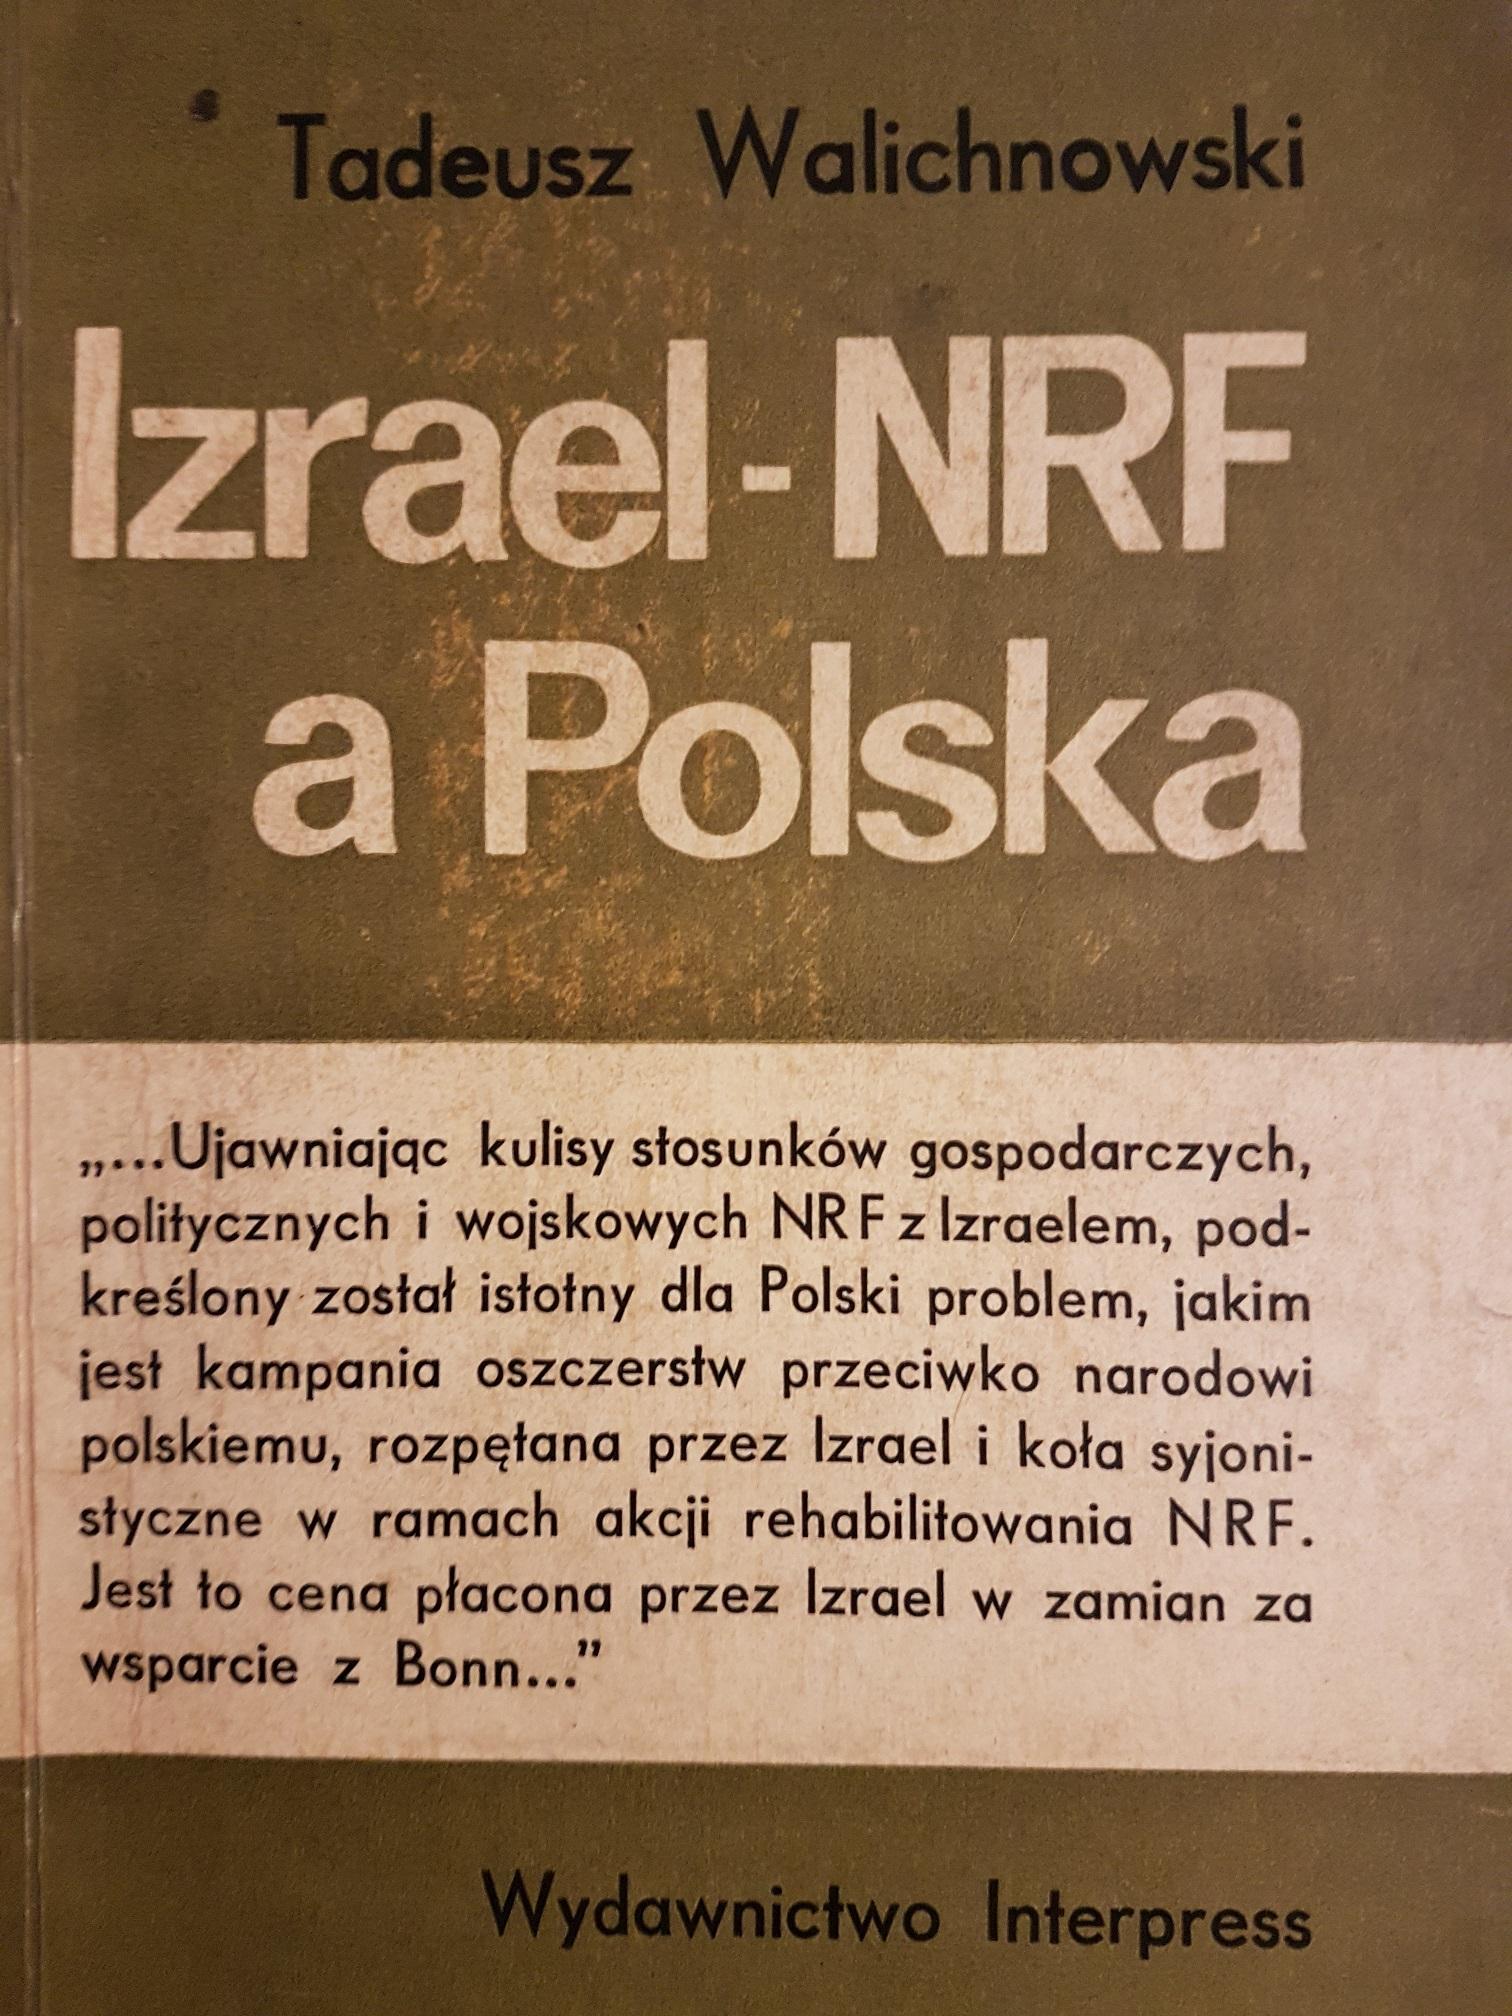 Izreal-NRF a Polska Walichnowski